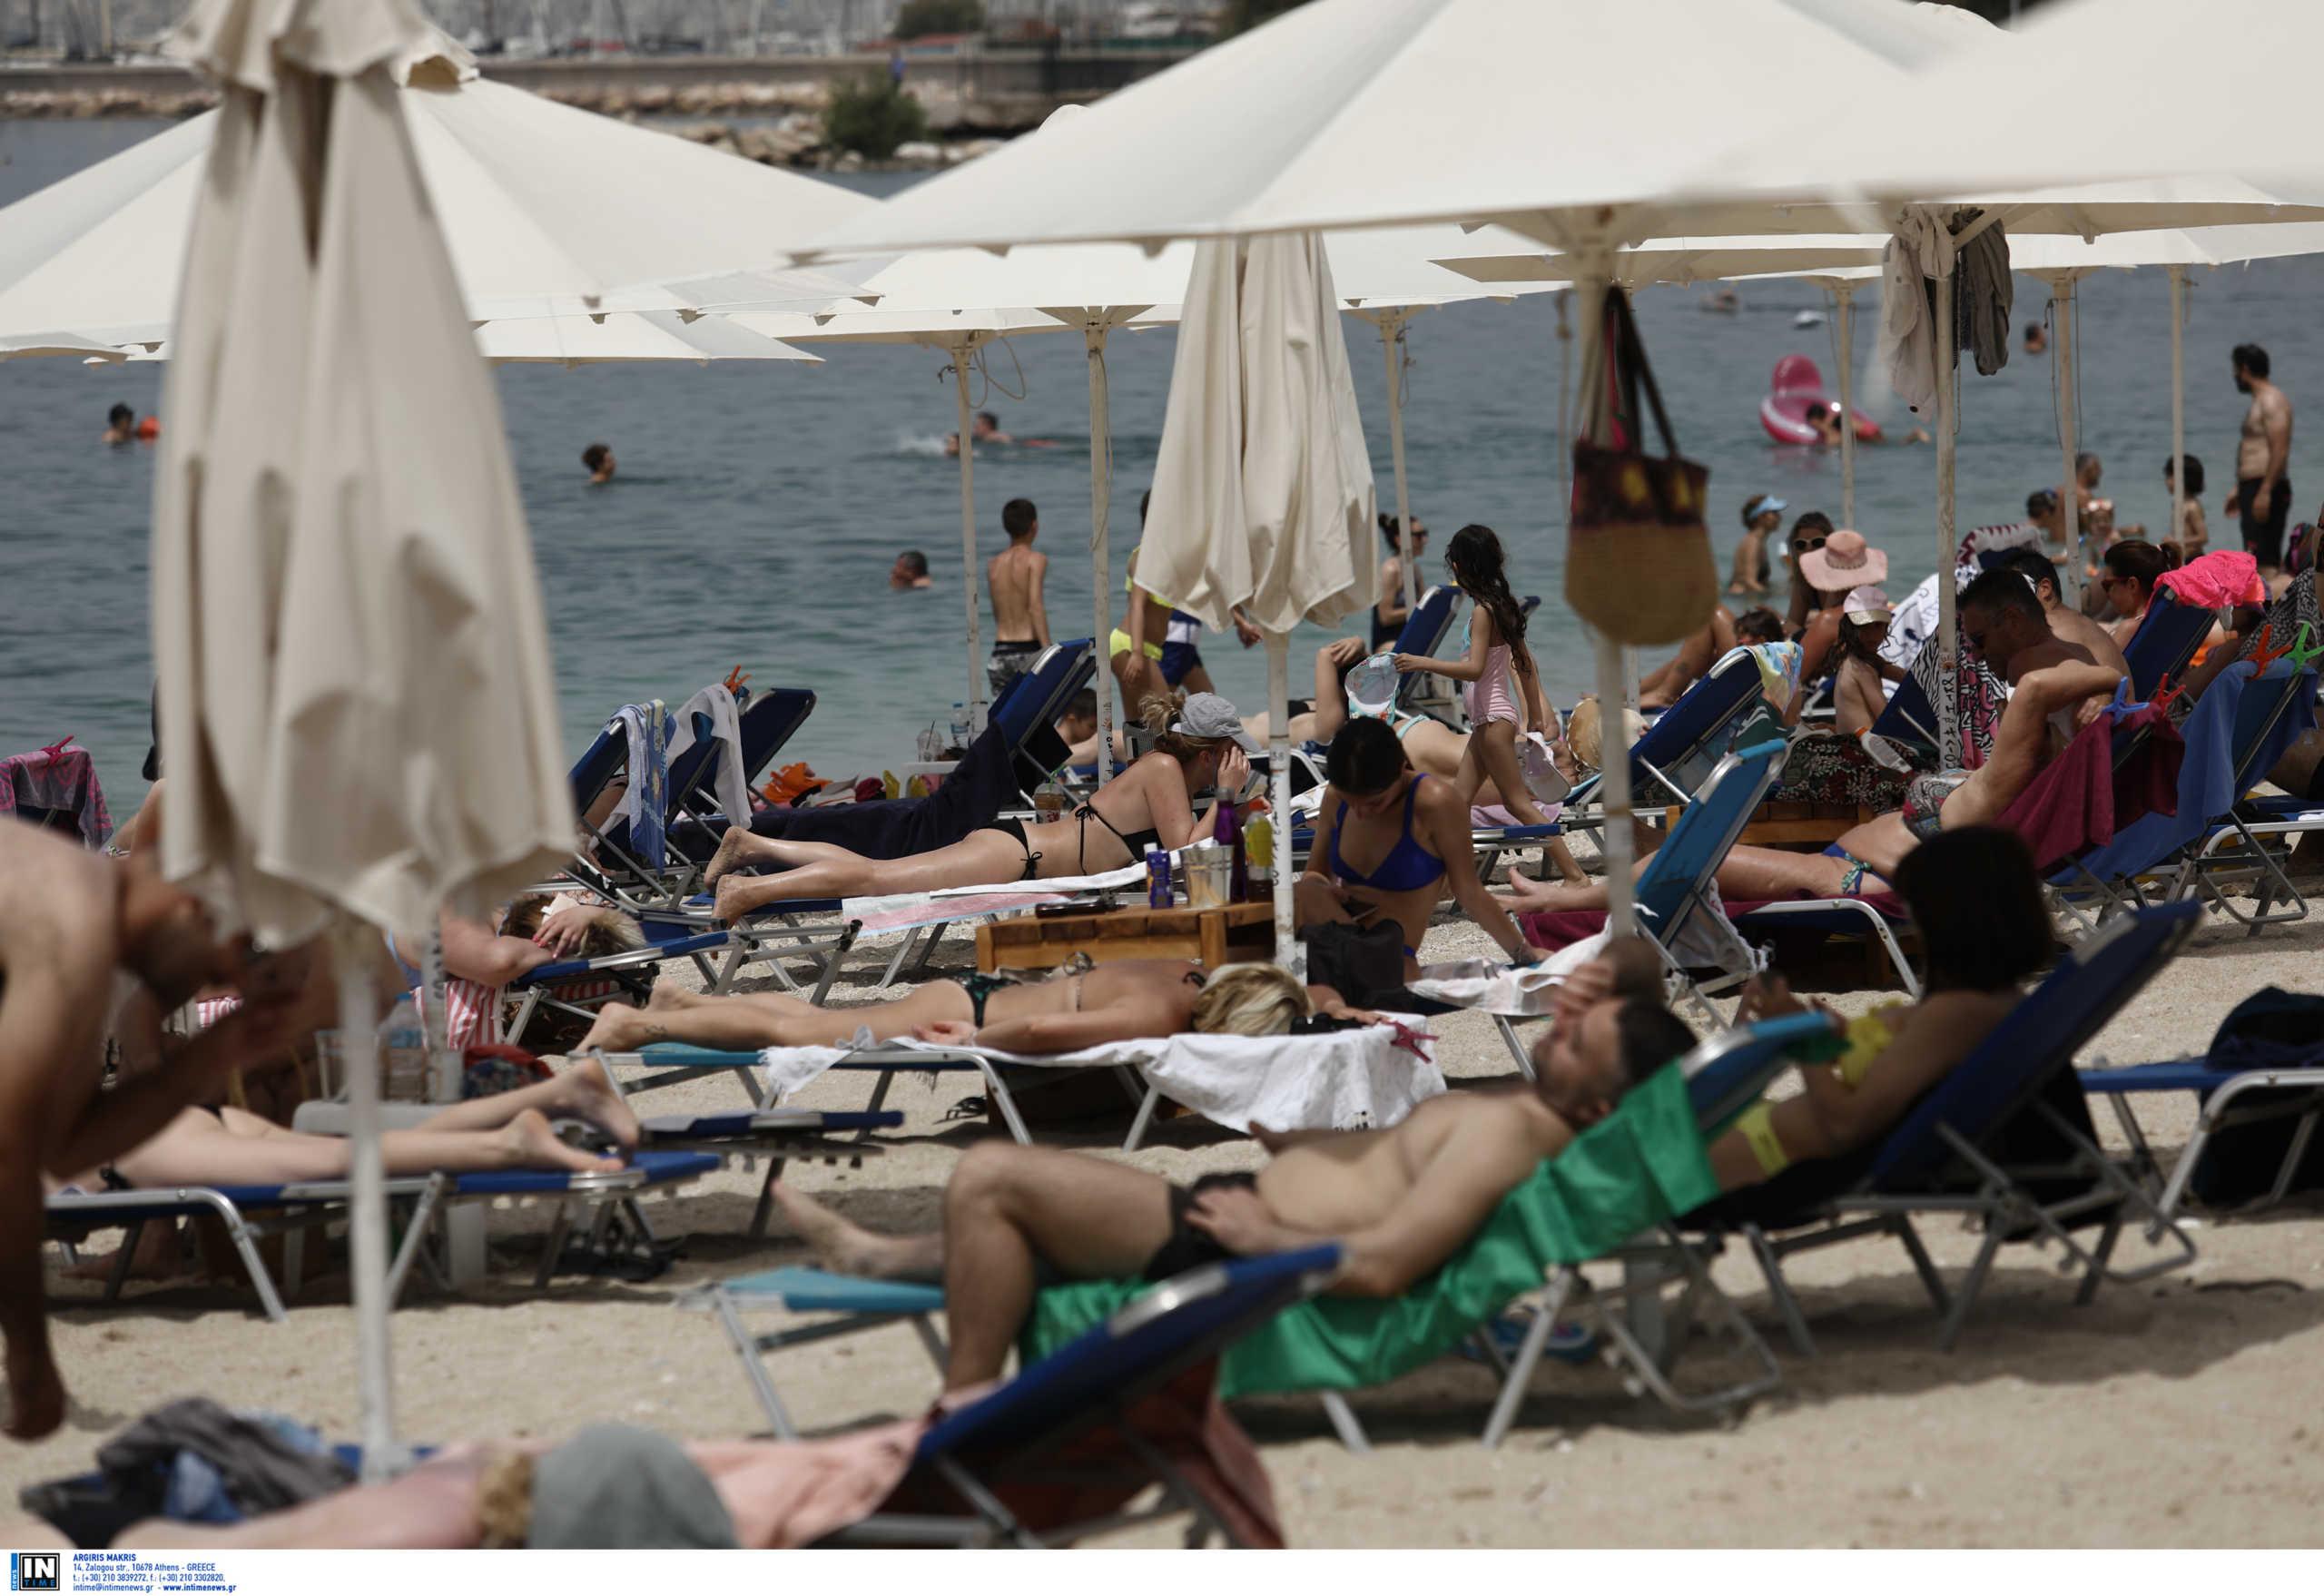 Μέτρα στις παραλίες έως τις 31 Ιουλίου! Έρχεται παράταση και για τα πανηγύρια μέχρι τέλος Αυγούστου